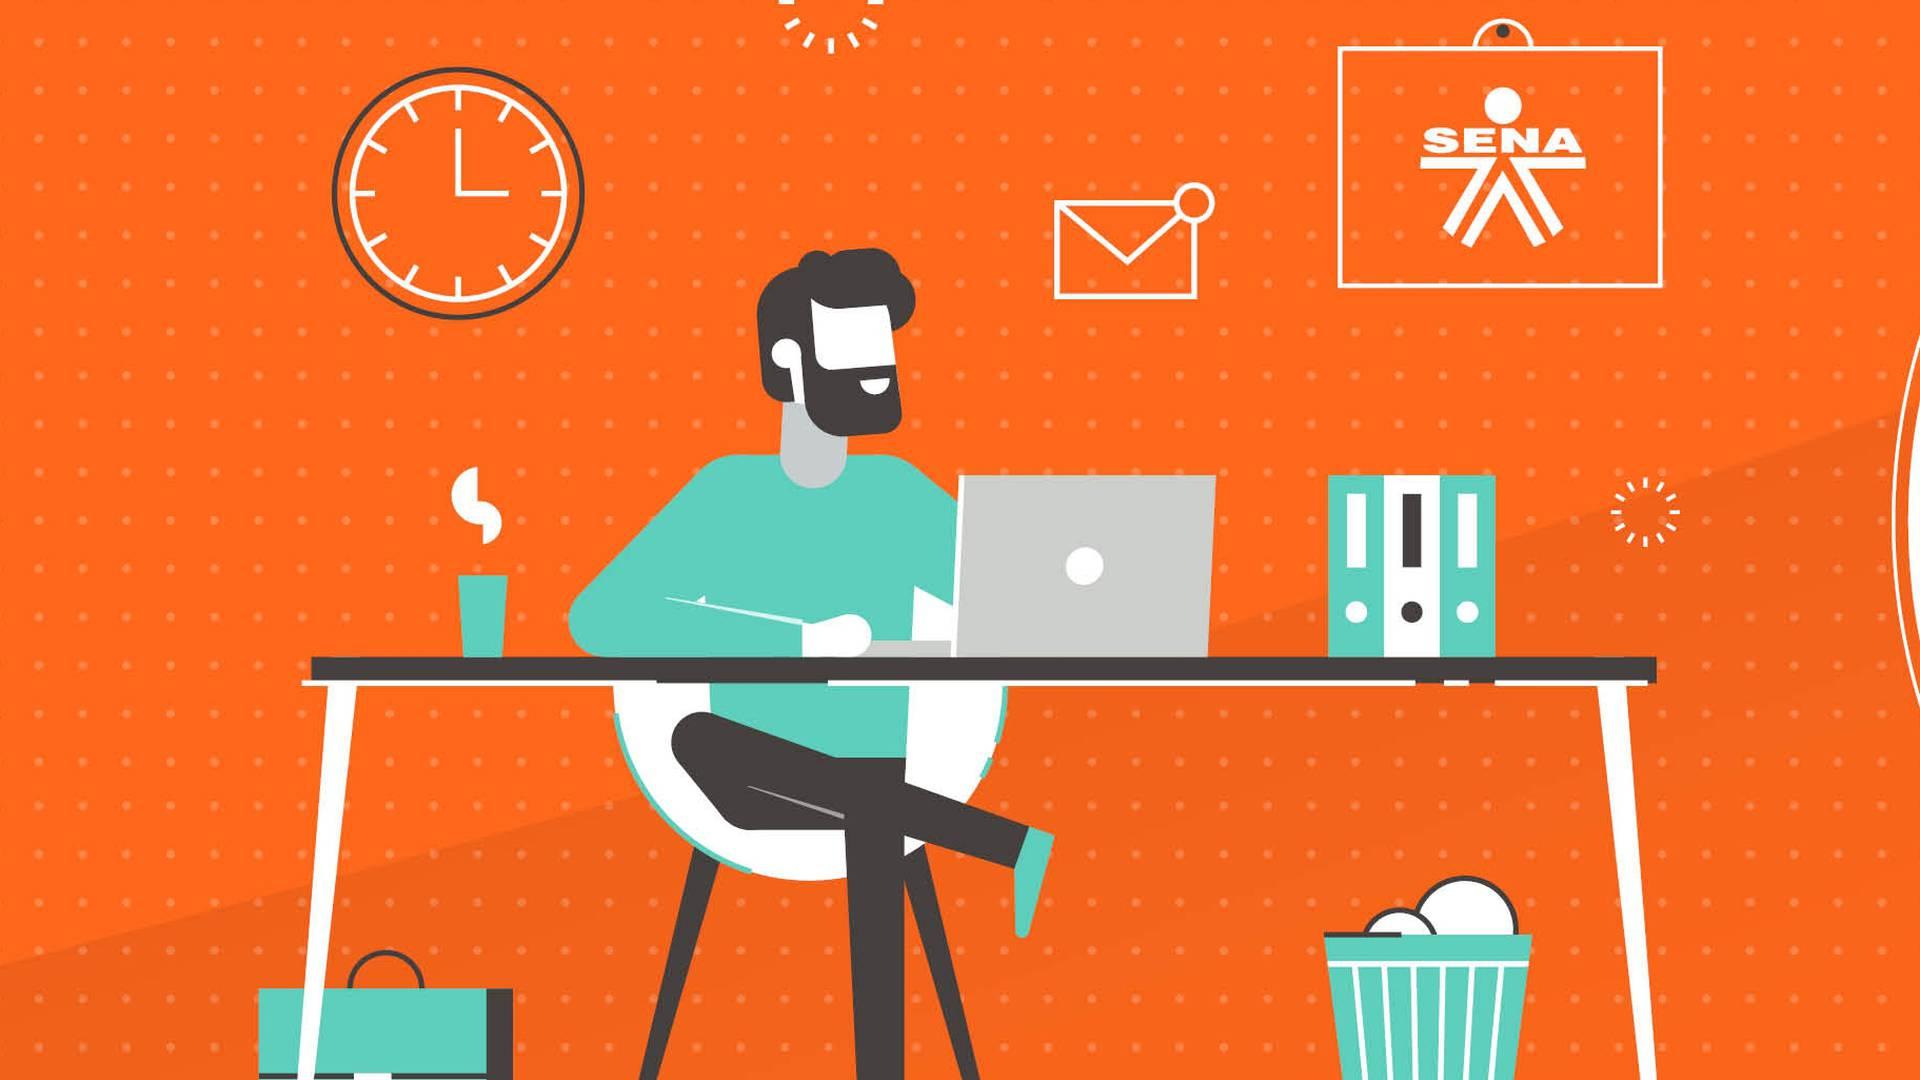 Habilidades Digitales, las competencias del futuro